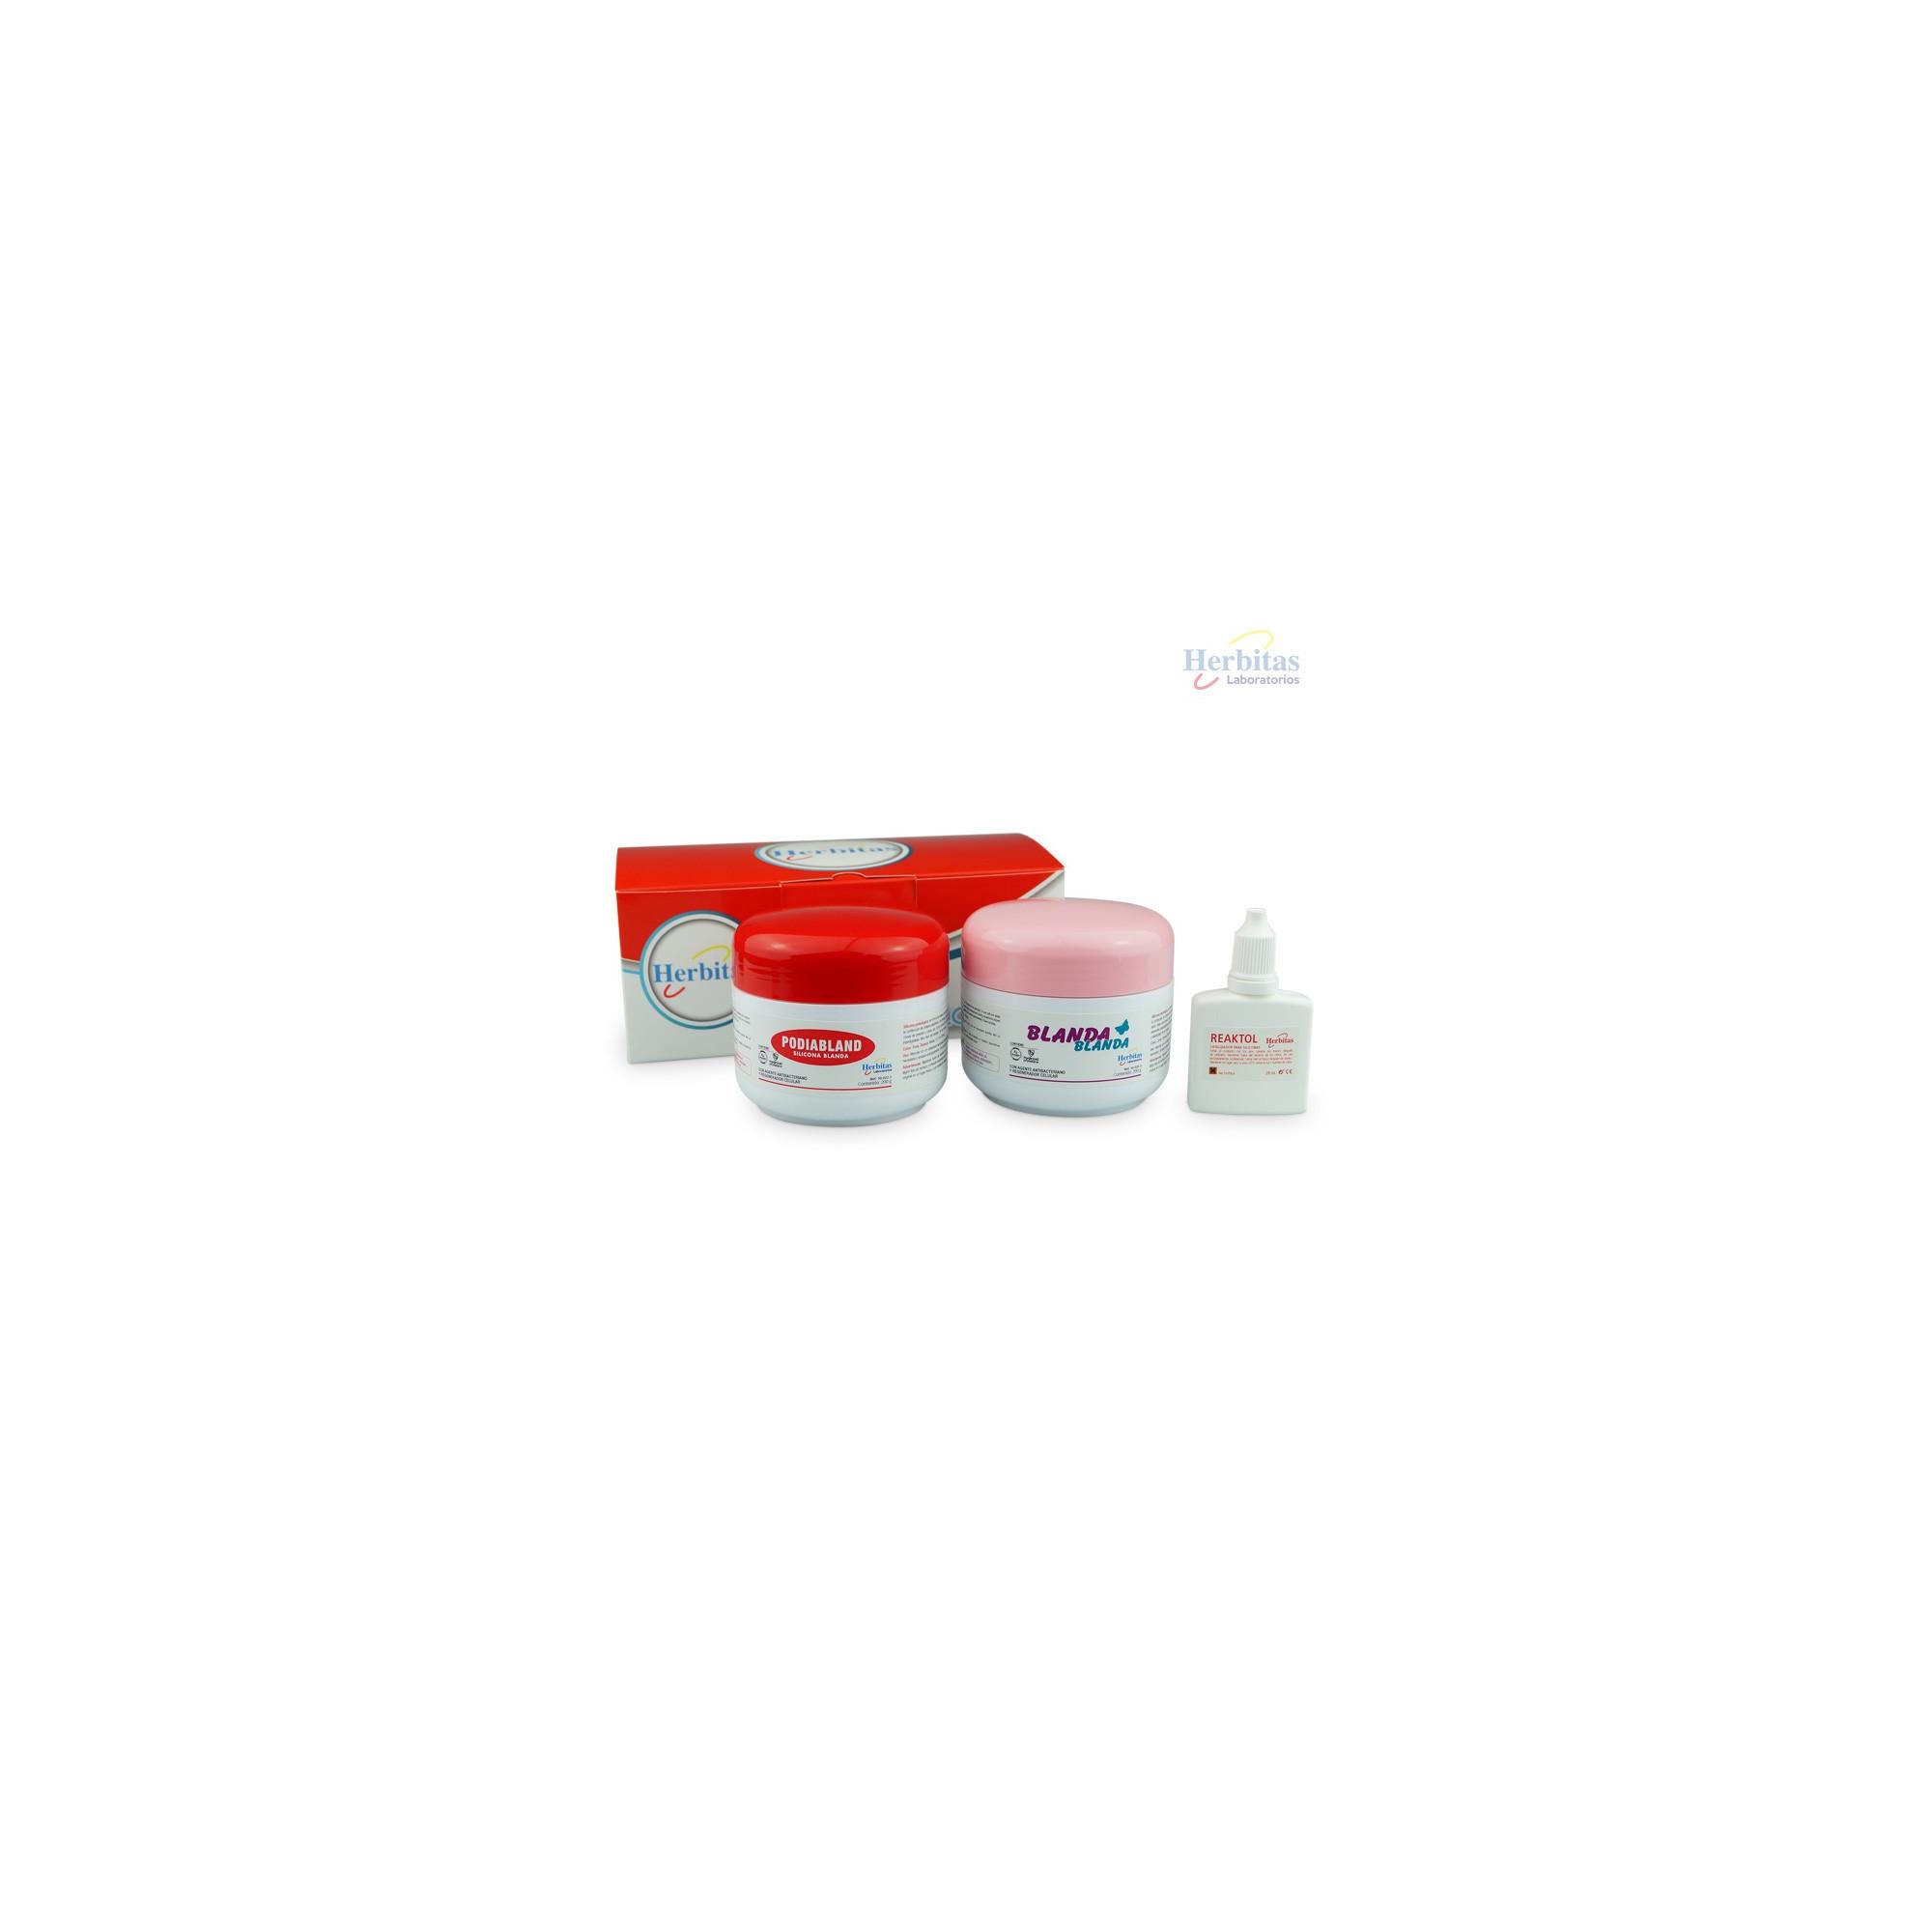 Kit Silicone Basic Mini - Blanda Blanda 50g + Podiabland 50g + Reaktol Celerix 28 ml